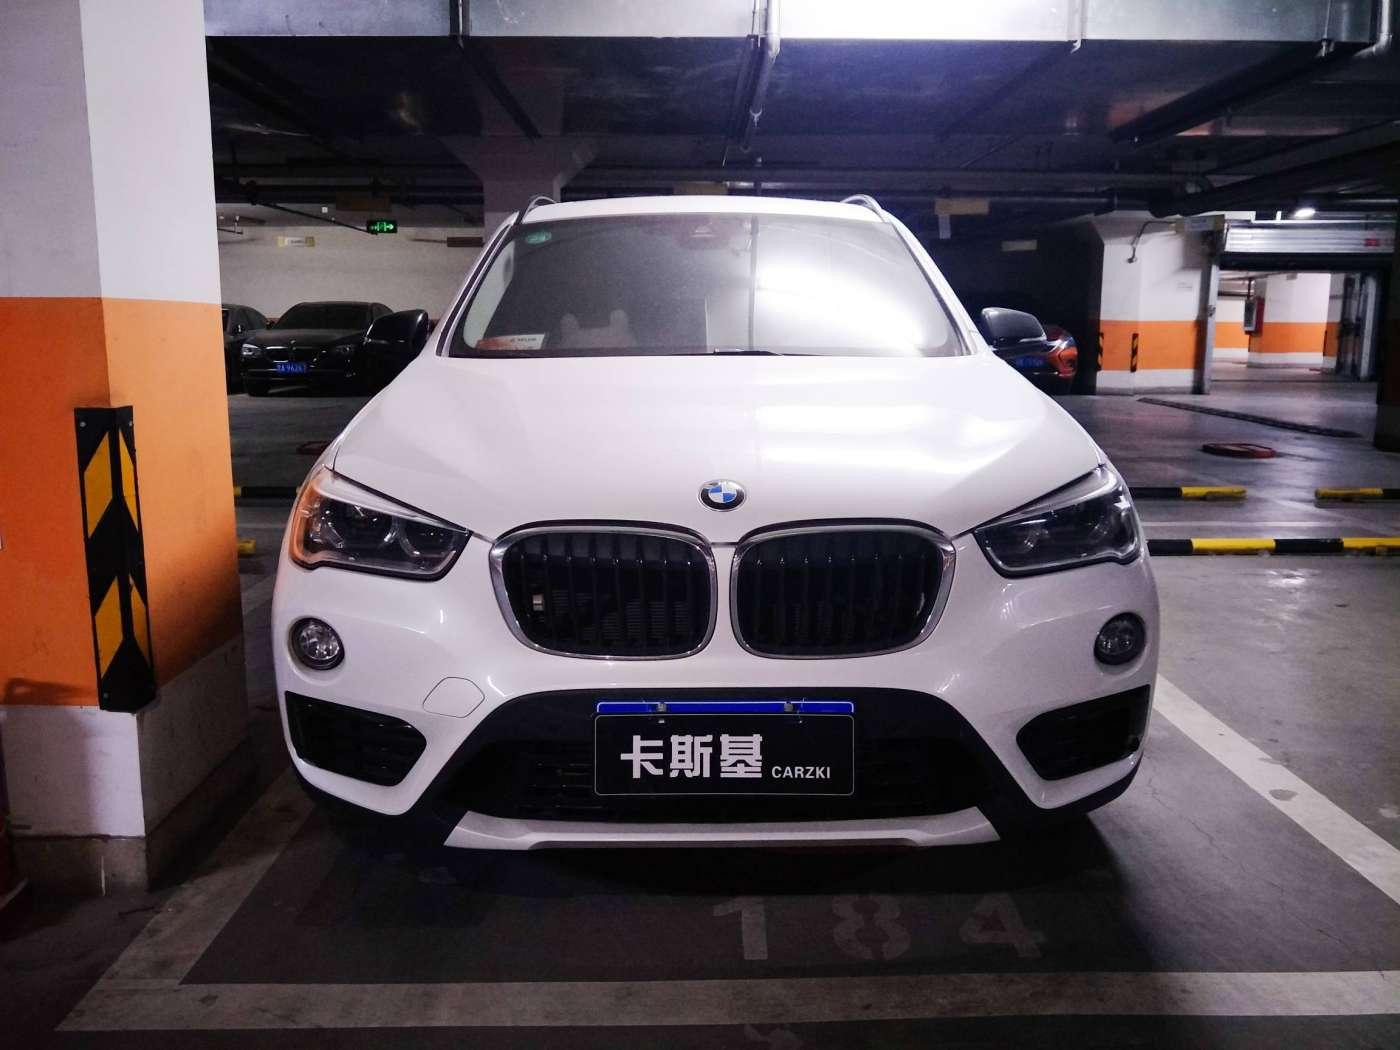 2016年06月 2016款 宝马X1 xDrive25Li 豪华型 甄选宝马-北京卡斯基汽车服务有限公司